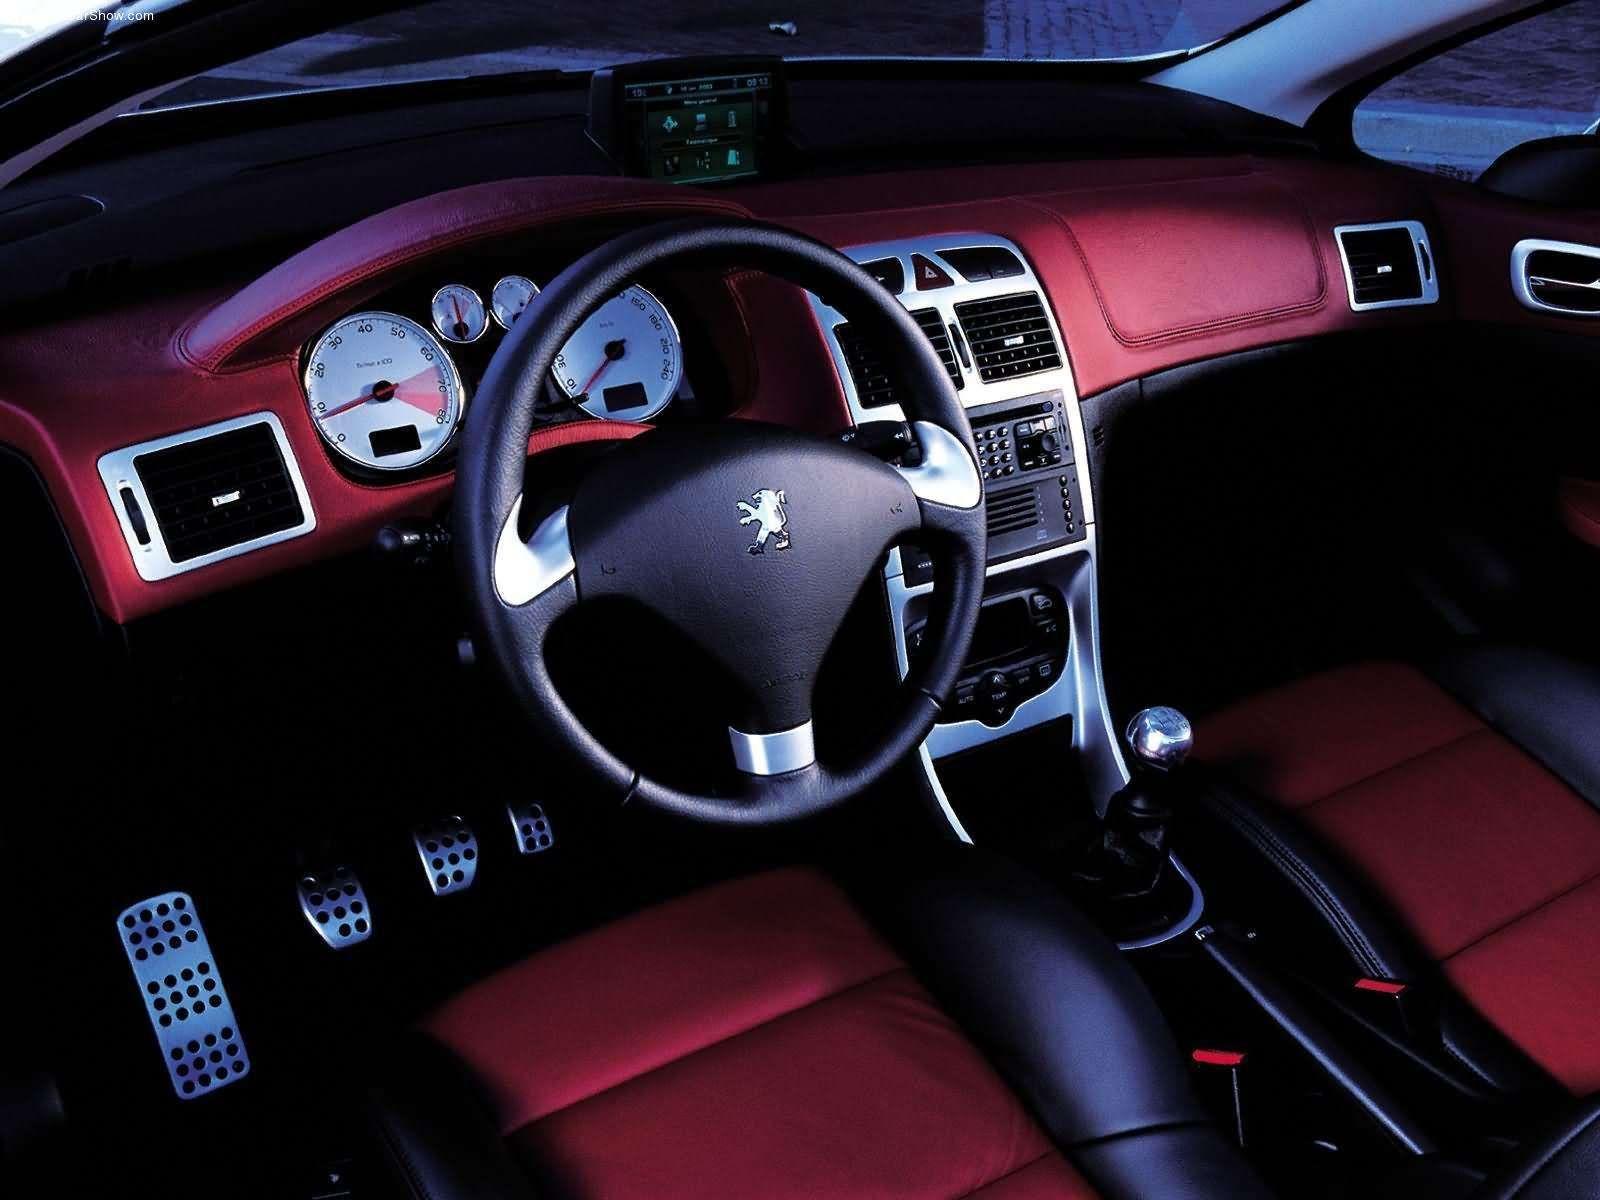 Peugeot 307 Cc Interior Peugeot Autos Tuercas